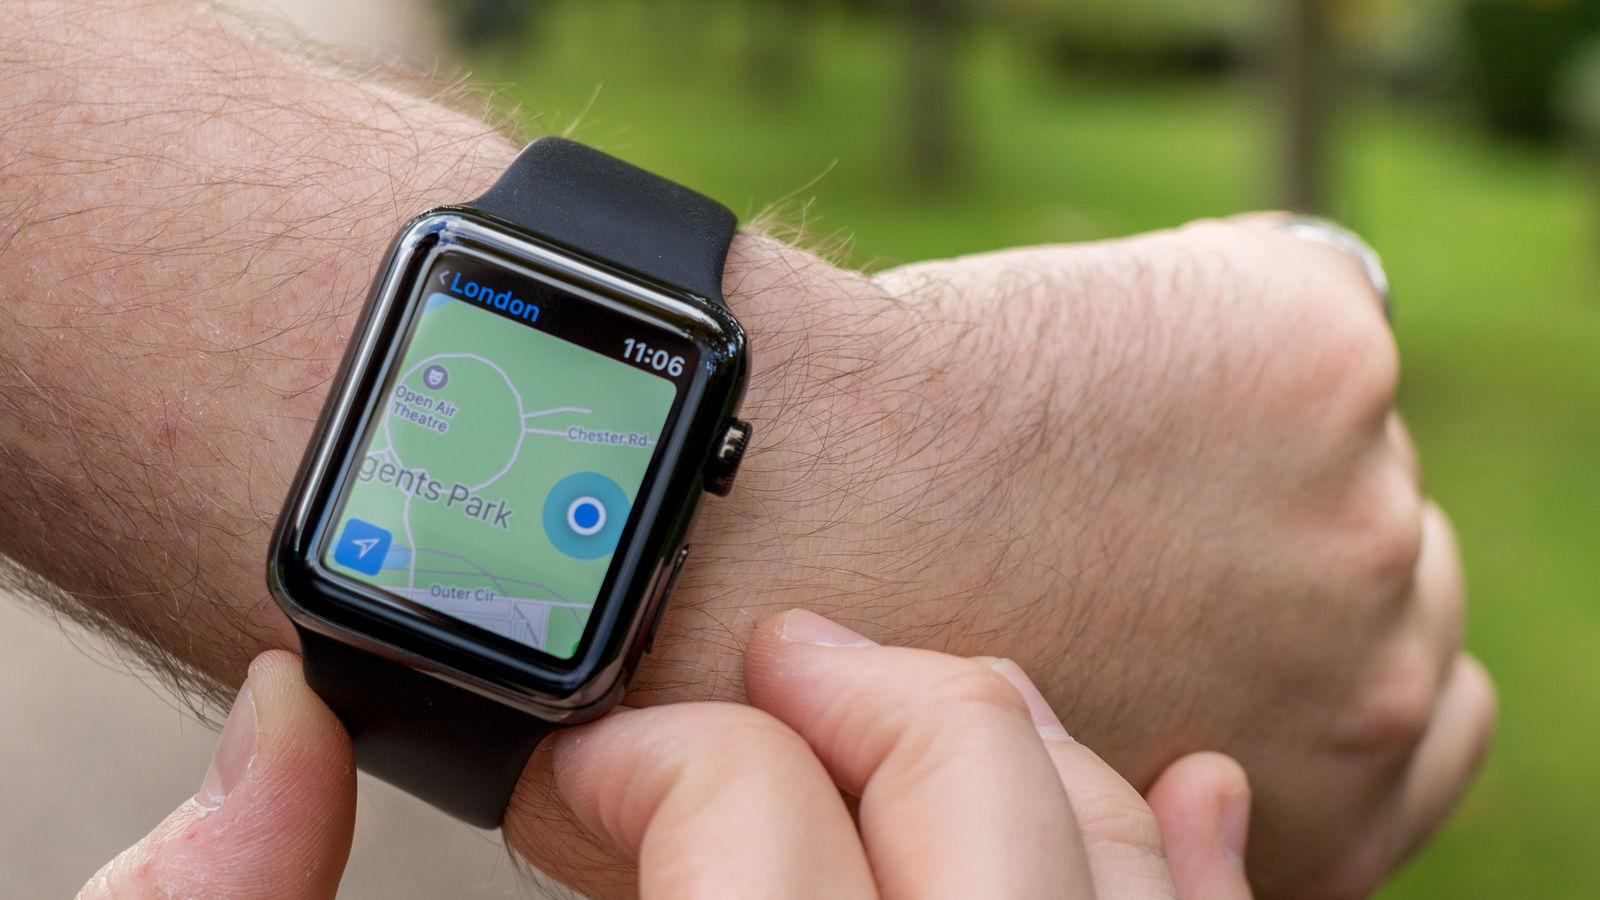 định vị gps apple watch 3 | dienthoaigiakho.vn